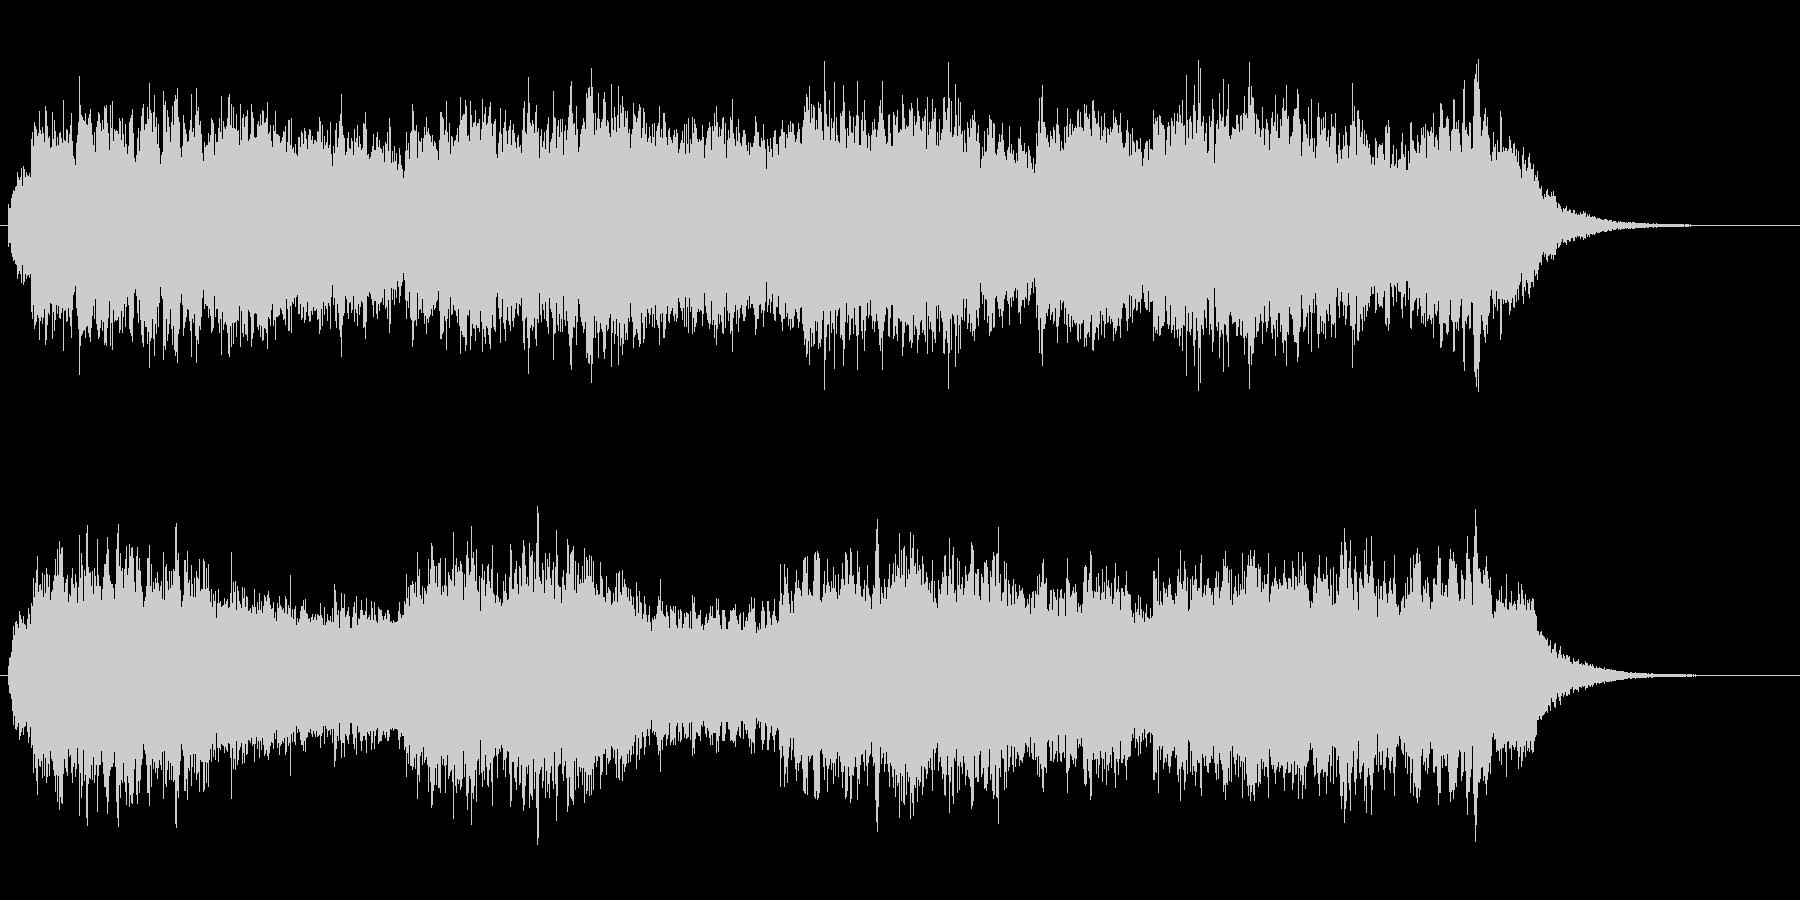 アンビエント風のヒーリングBGMの未再生の波形